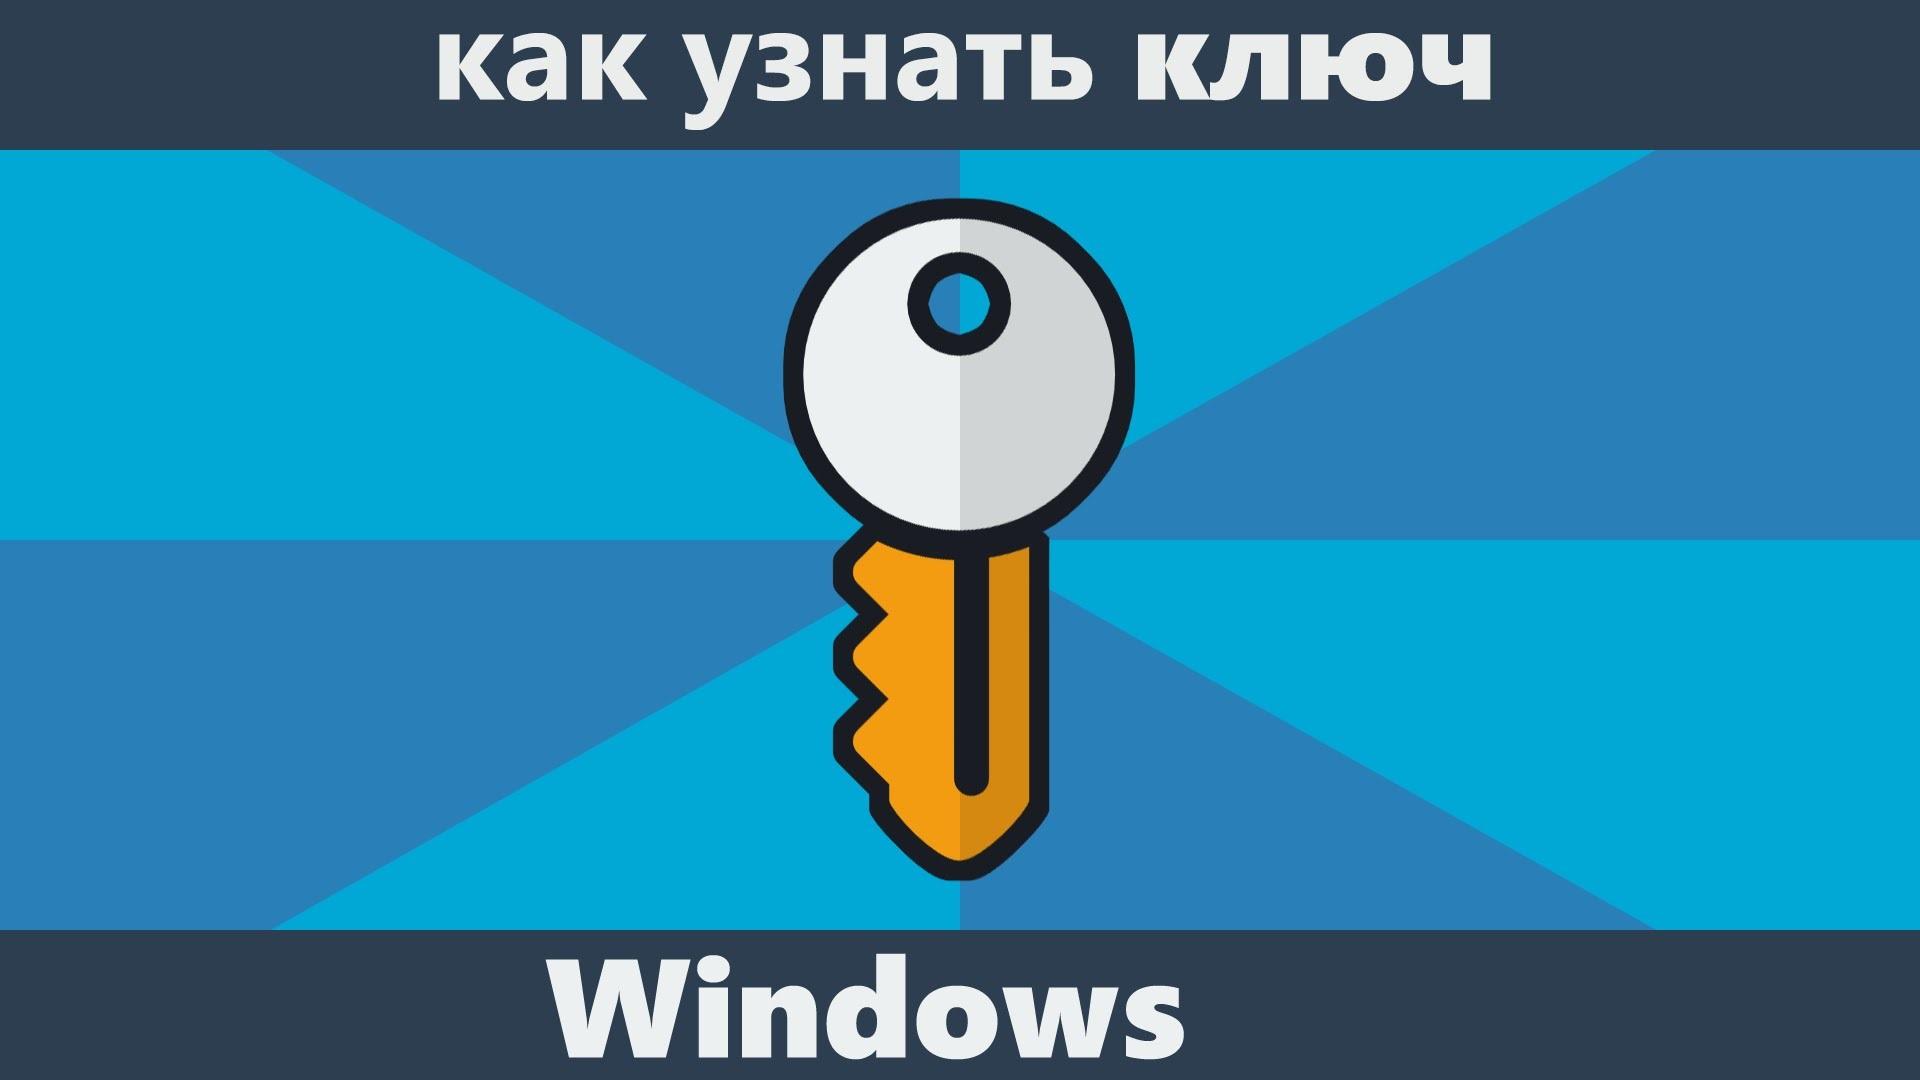 Как узнать ключ установленной Windows 7, 8?